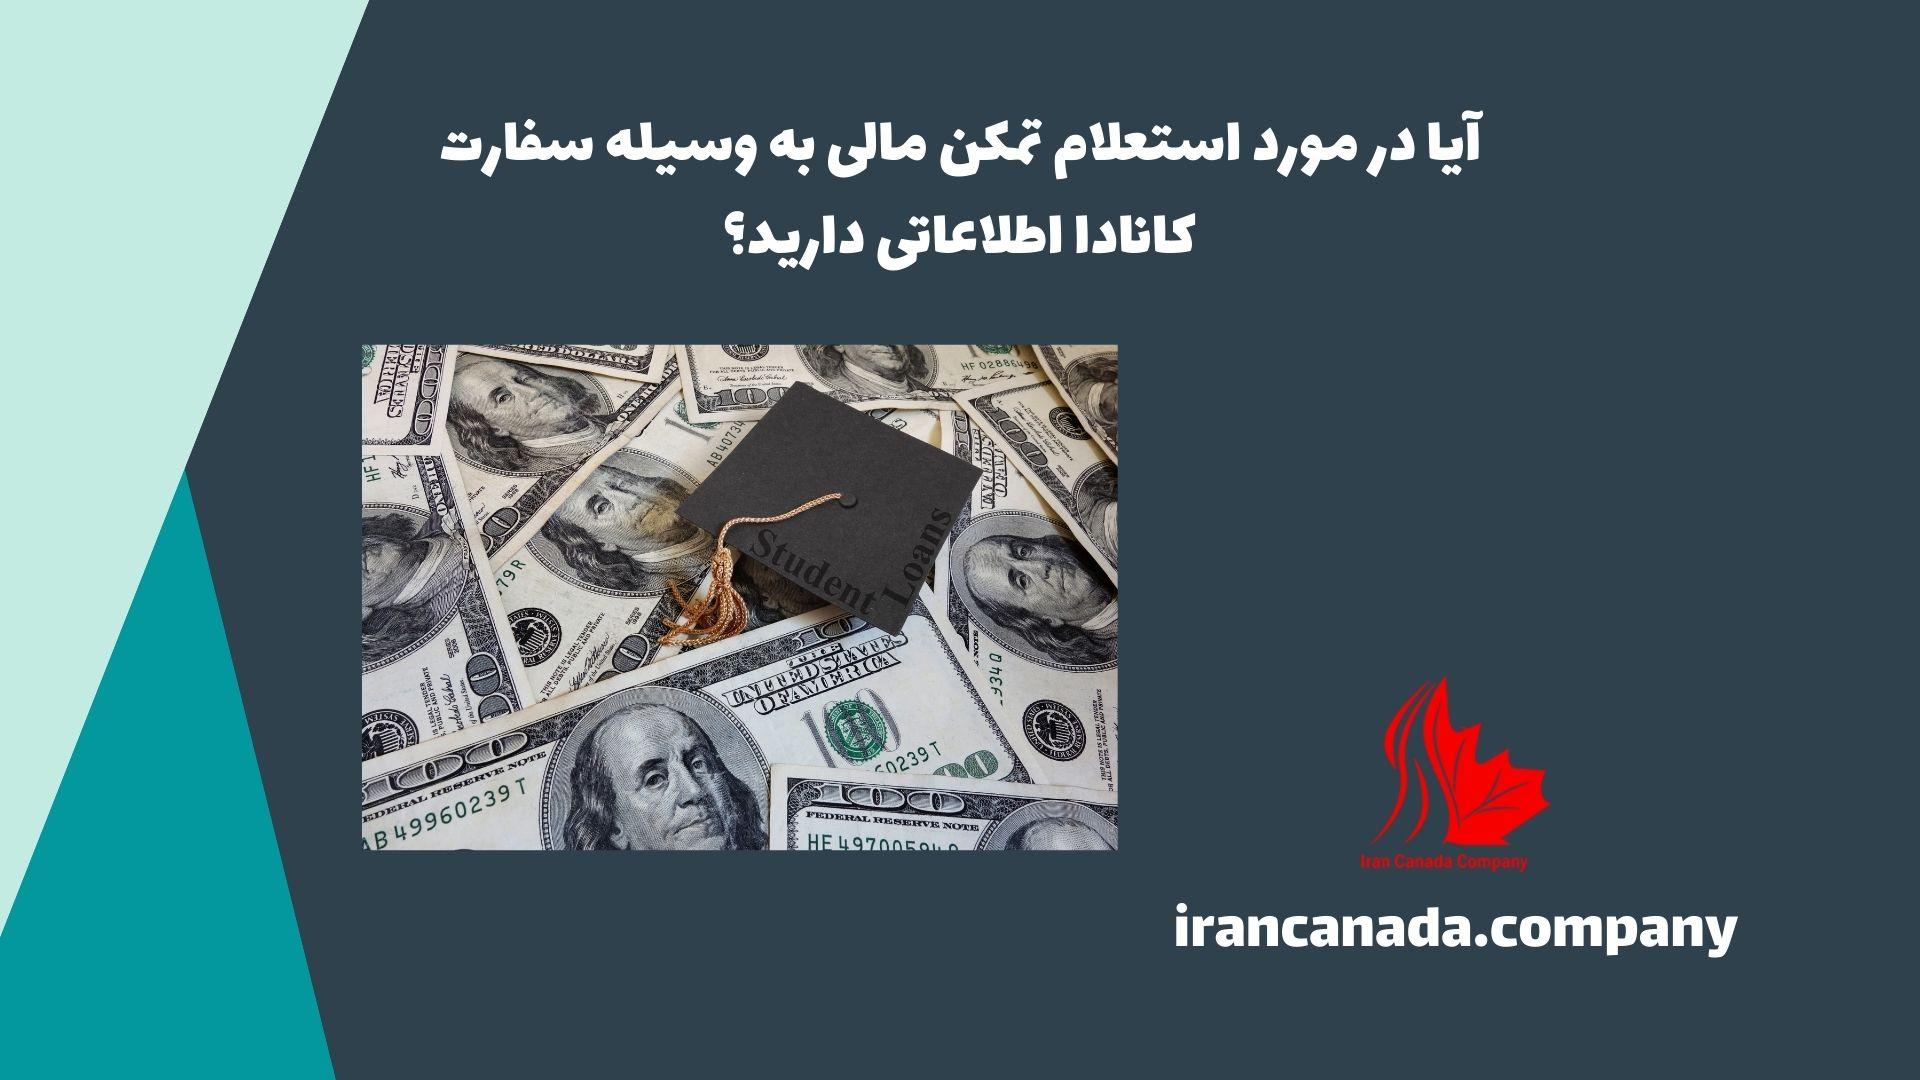 آیا در مورد استعلام تمکن مالی به وسیله سفارت کانادا اطلاعاتی دارید؟